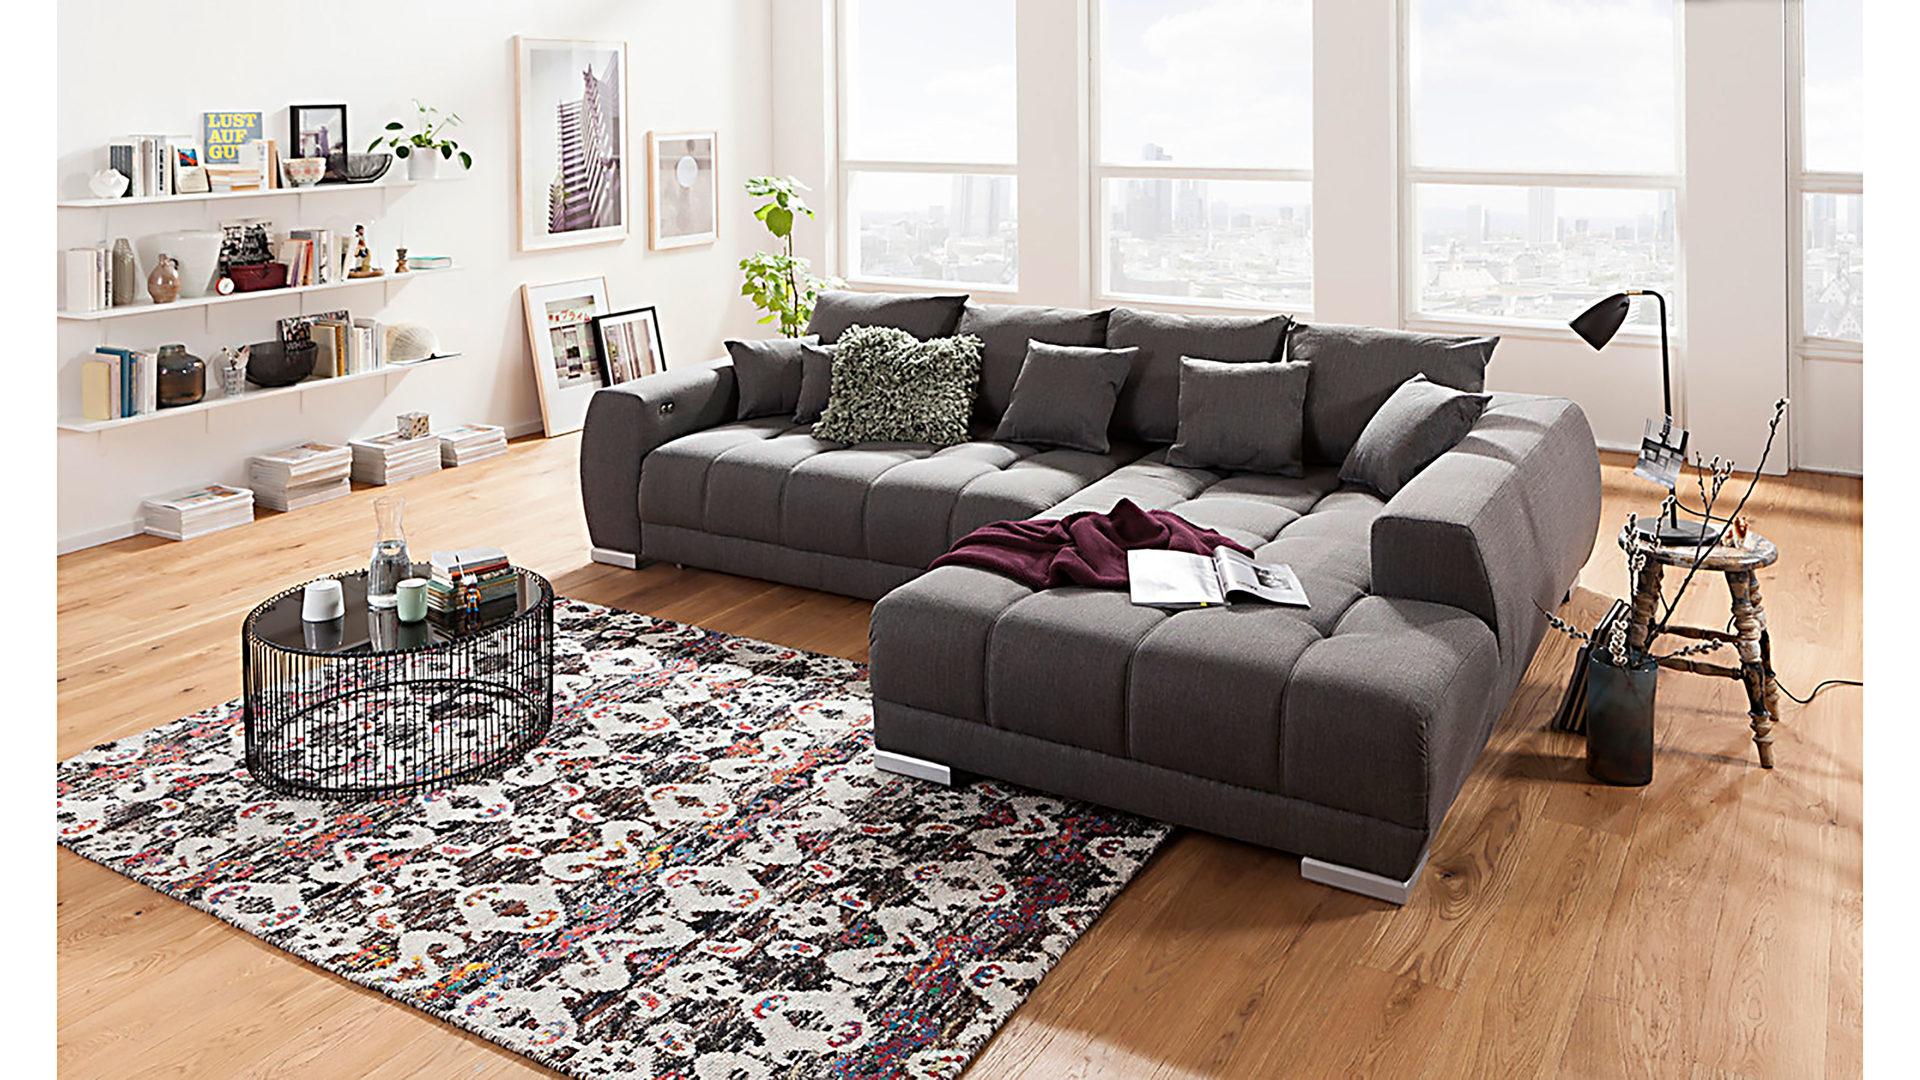 Wohnzimmer Eckcouch jobst wohnwelt traunreut räume wohnzimmer sofas couches